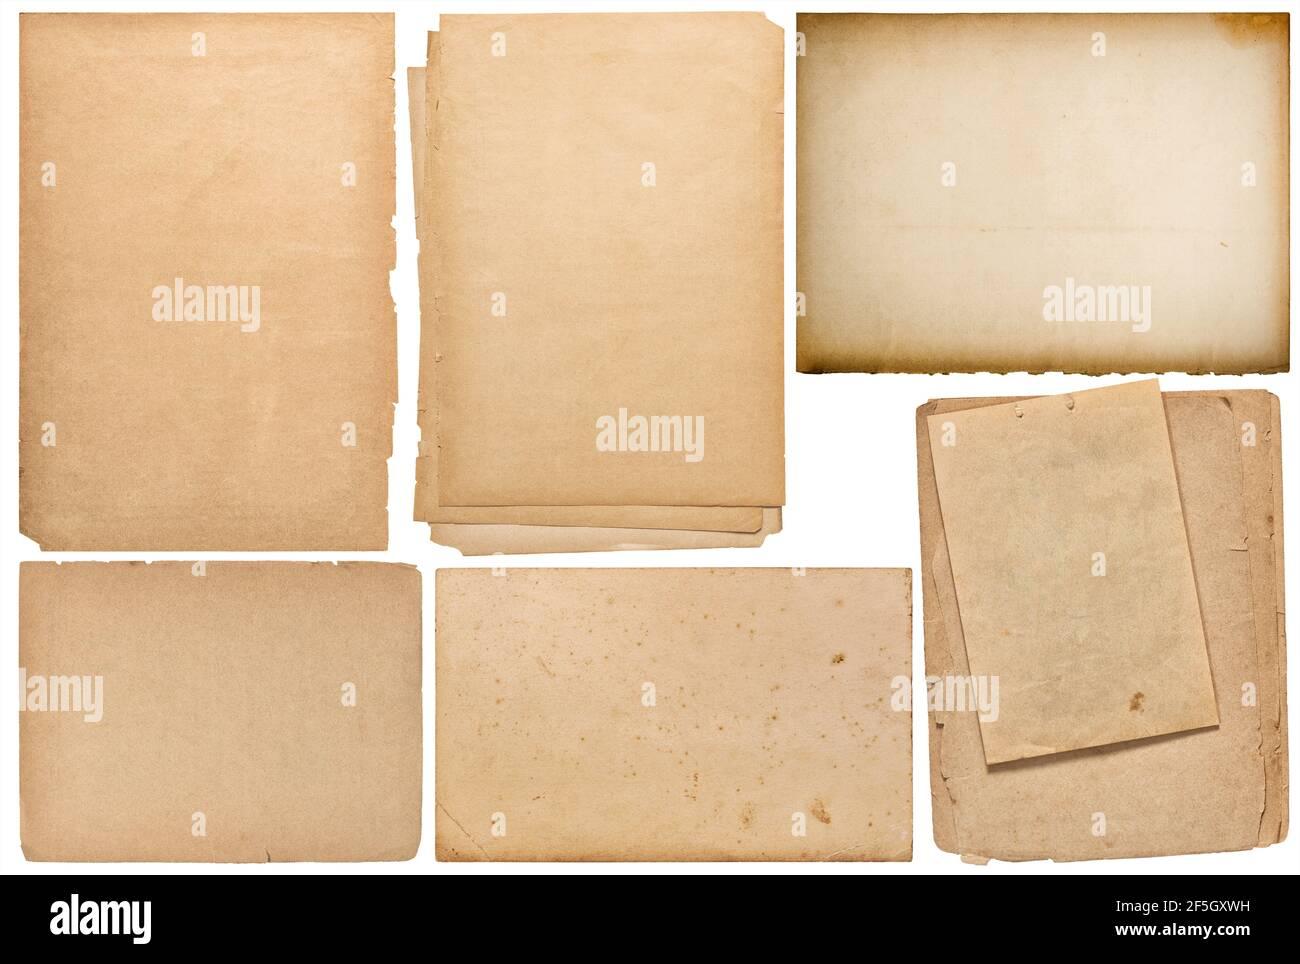 Feuilles de papier, pages de livre, carton isolé sur fond blanc. Scrapbooking création d'objets Banque D'Images